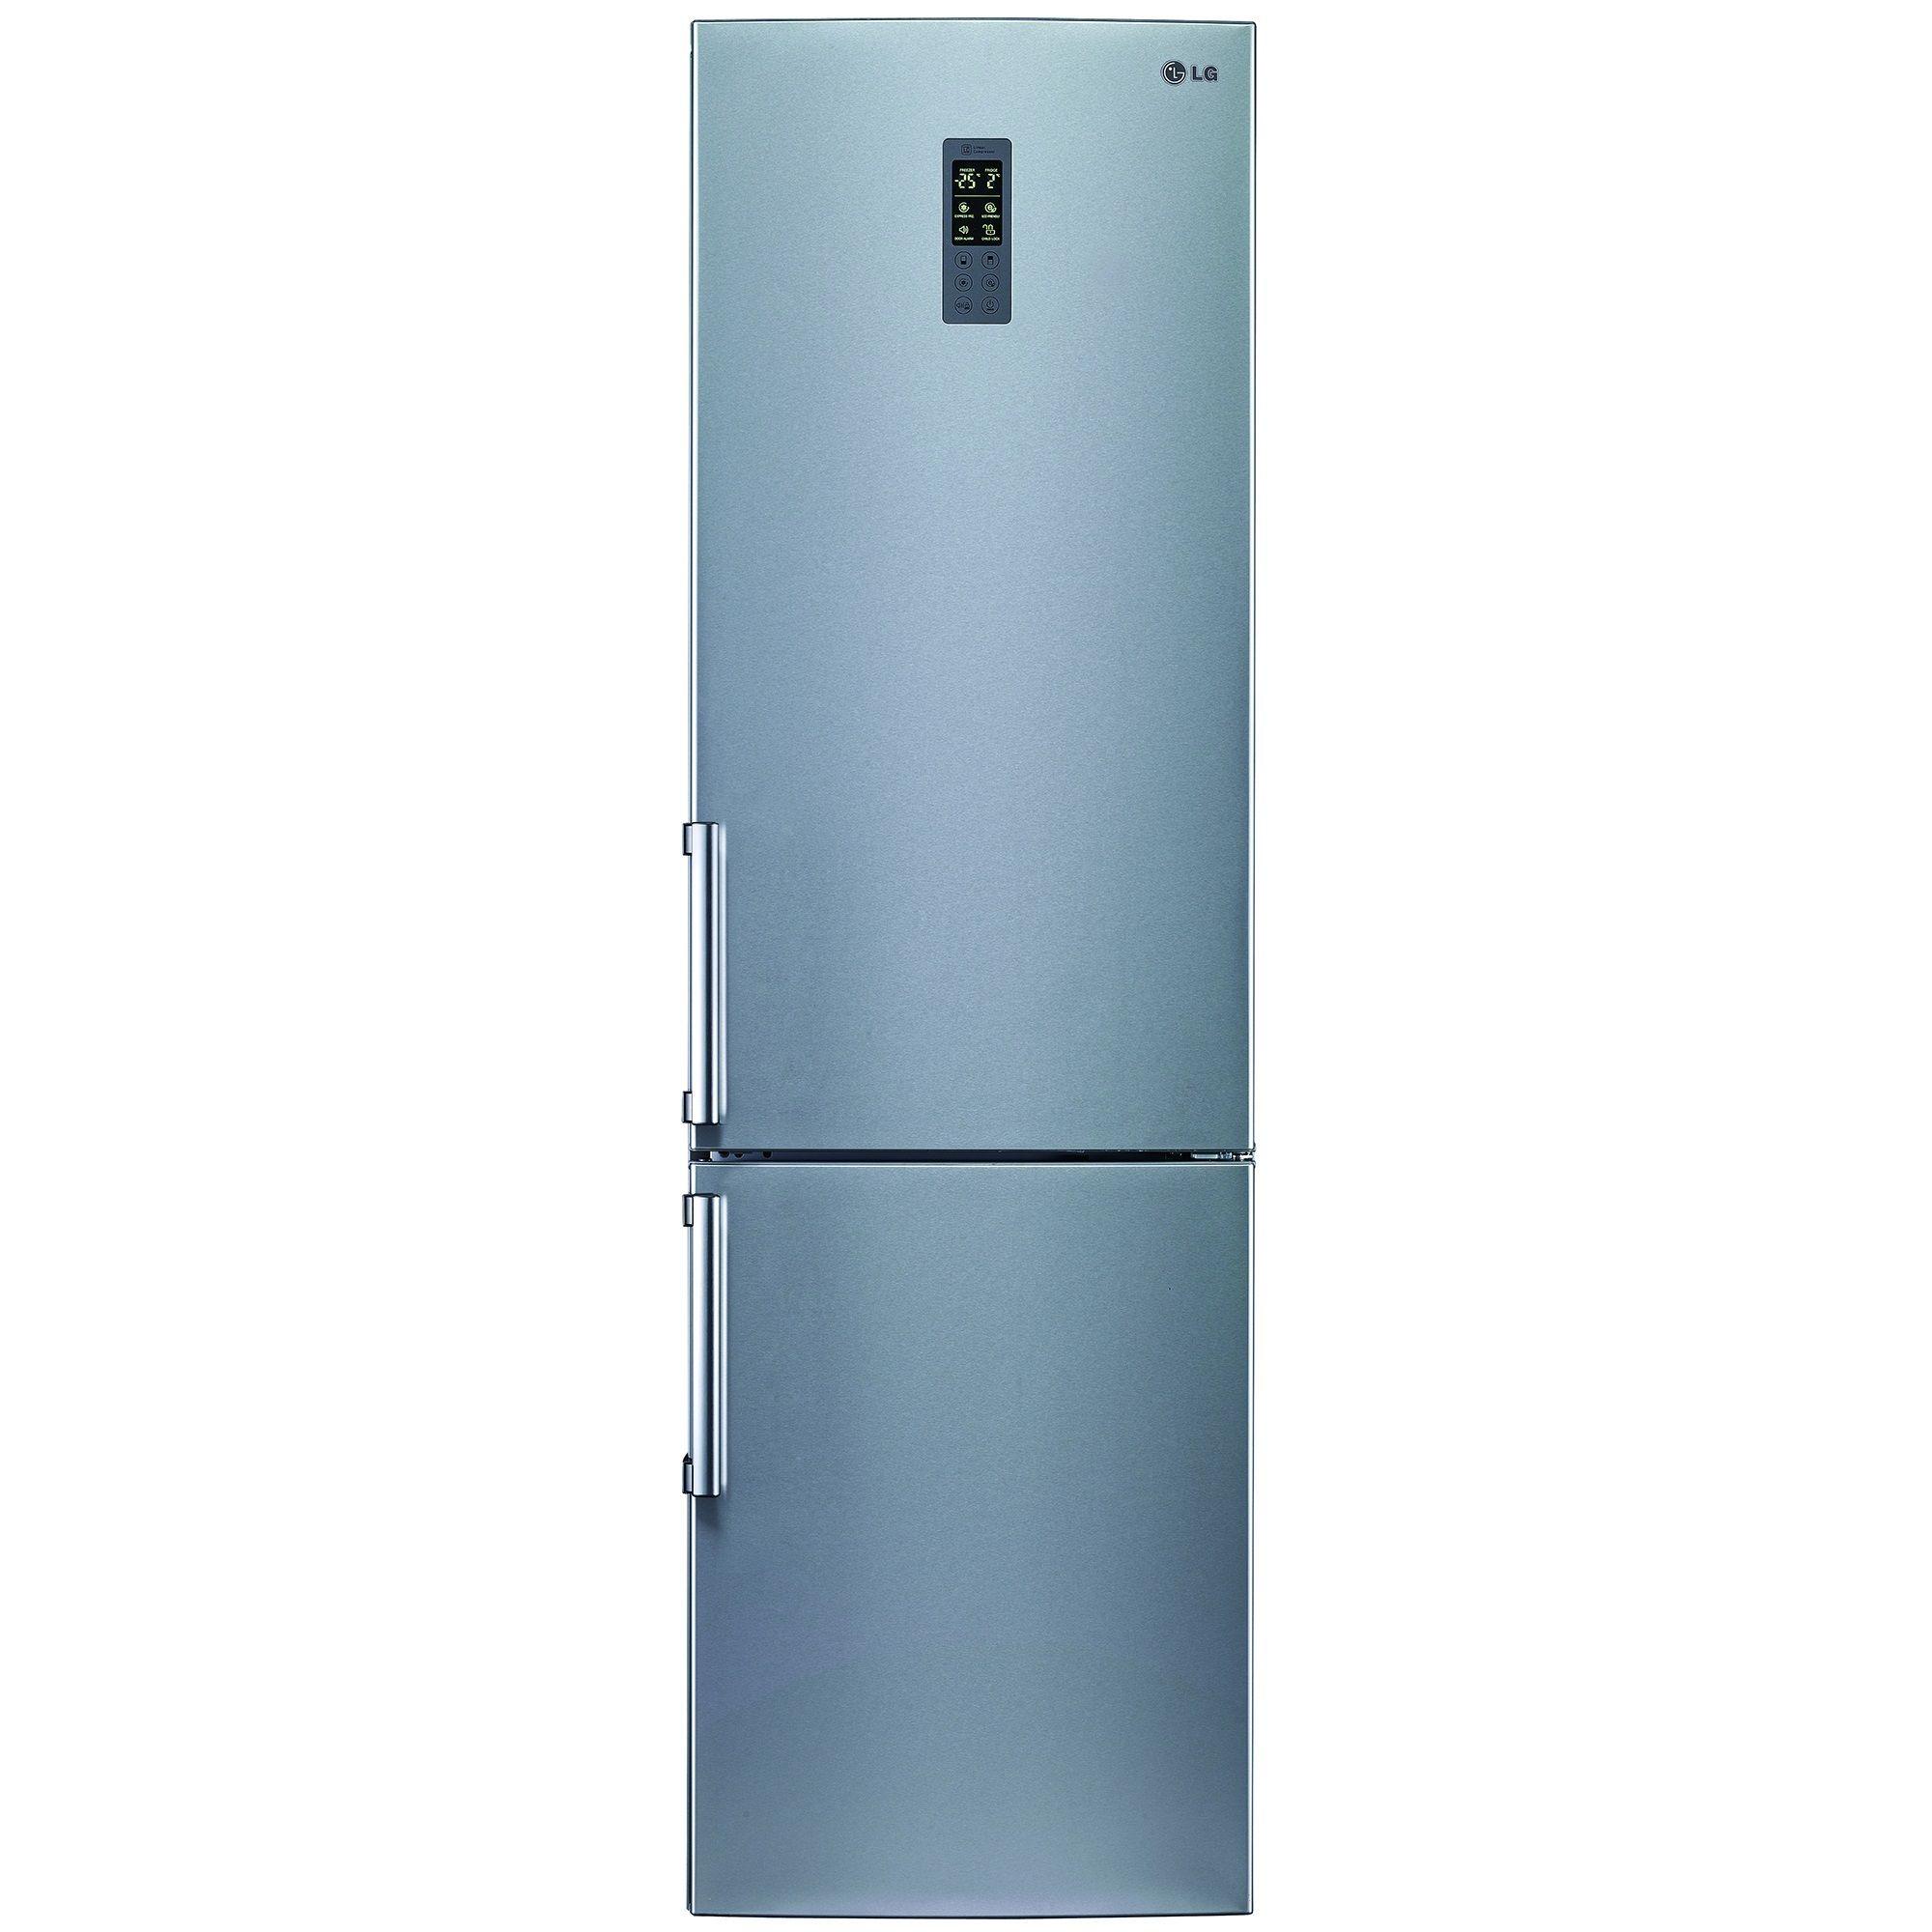 Combina frigorifica LG GBB530PVQPB, 343 l, Clasa Clasa A++, No Frost, H 201 cm, Inox